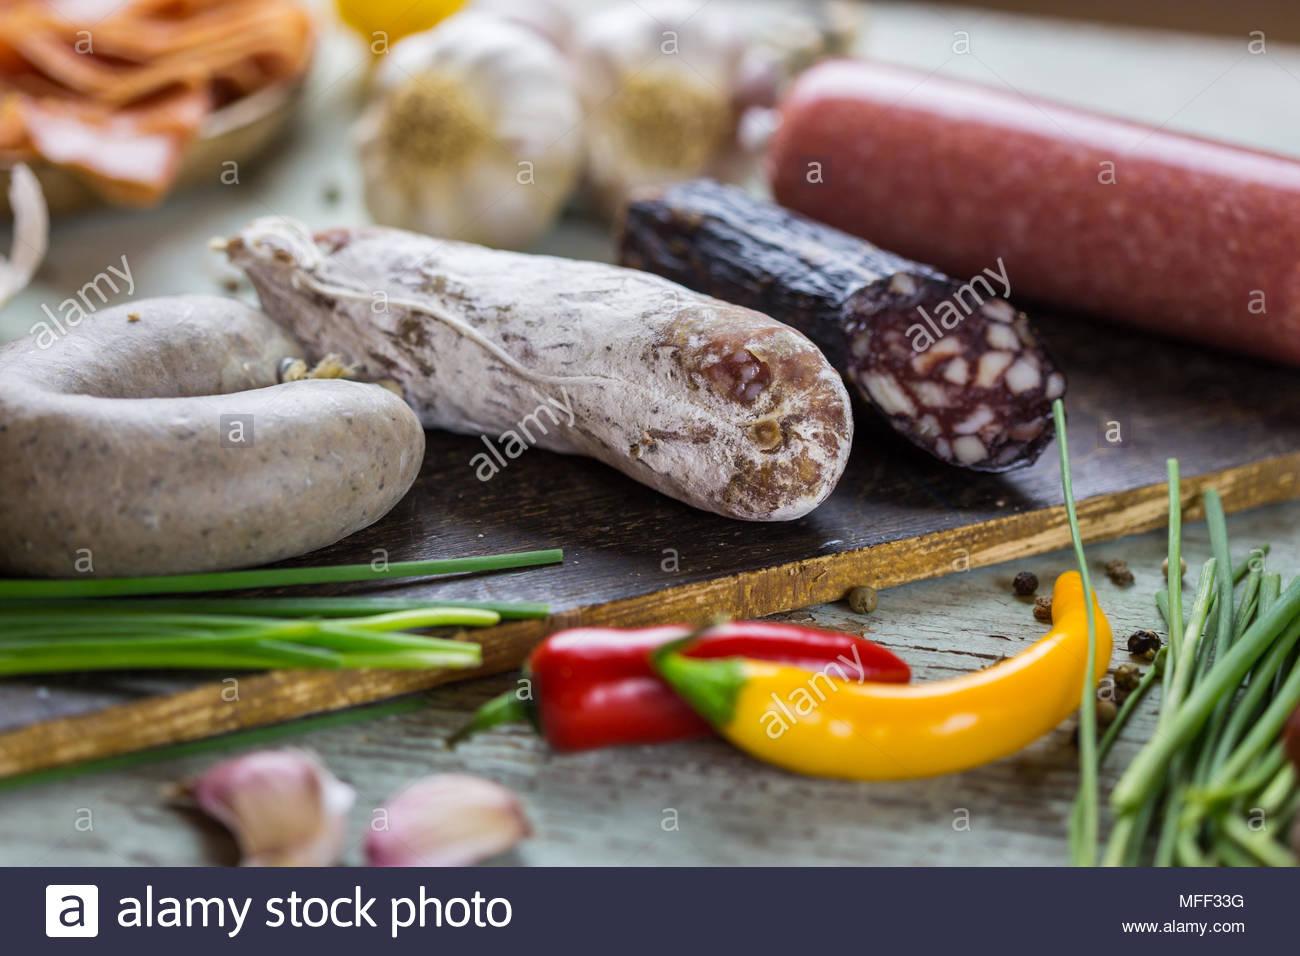 Un assortiment de saucisses fumées et séchées Photo Stock